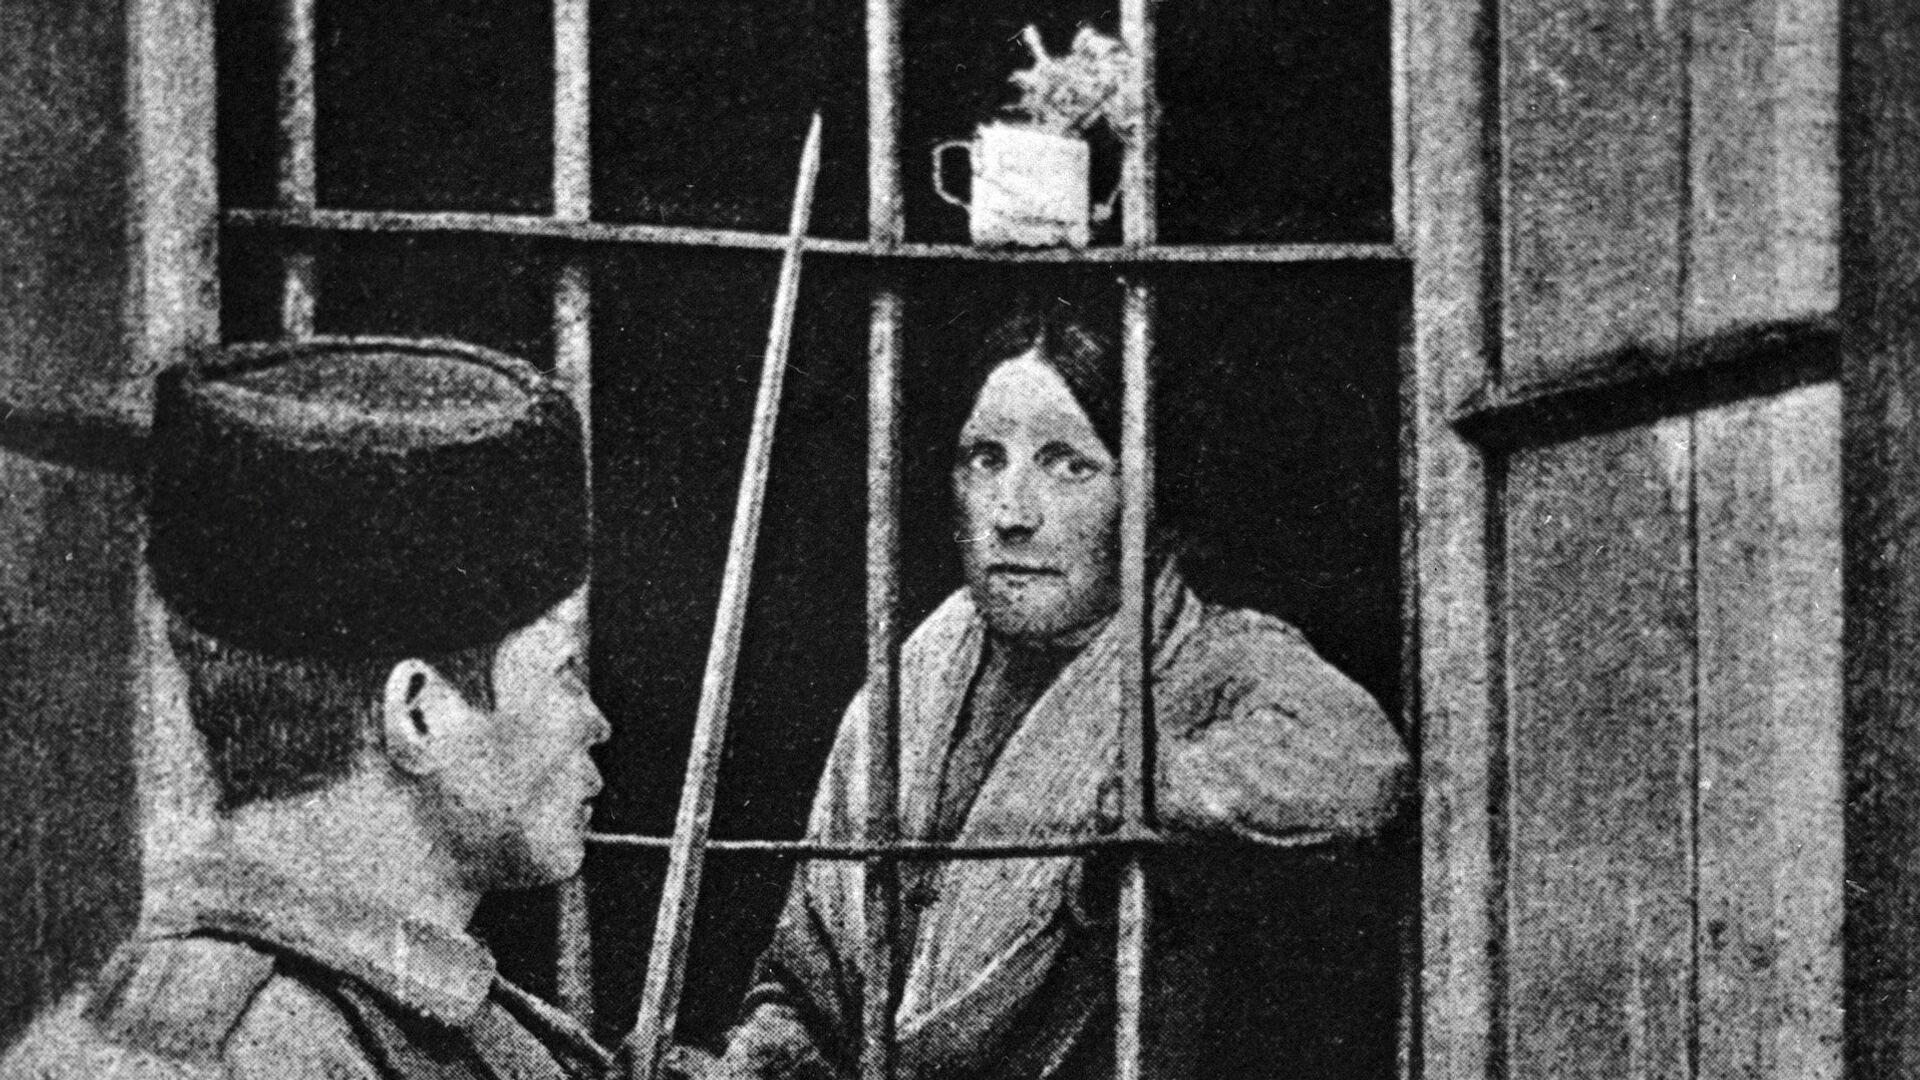 Эсерка Мария Спиридонова за решеткой тюремной больницы. 1 февраля 1905 года - РИА Новости, 1920, 29.01.2021